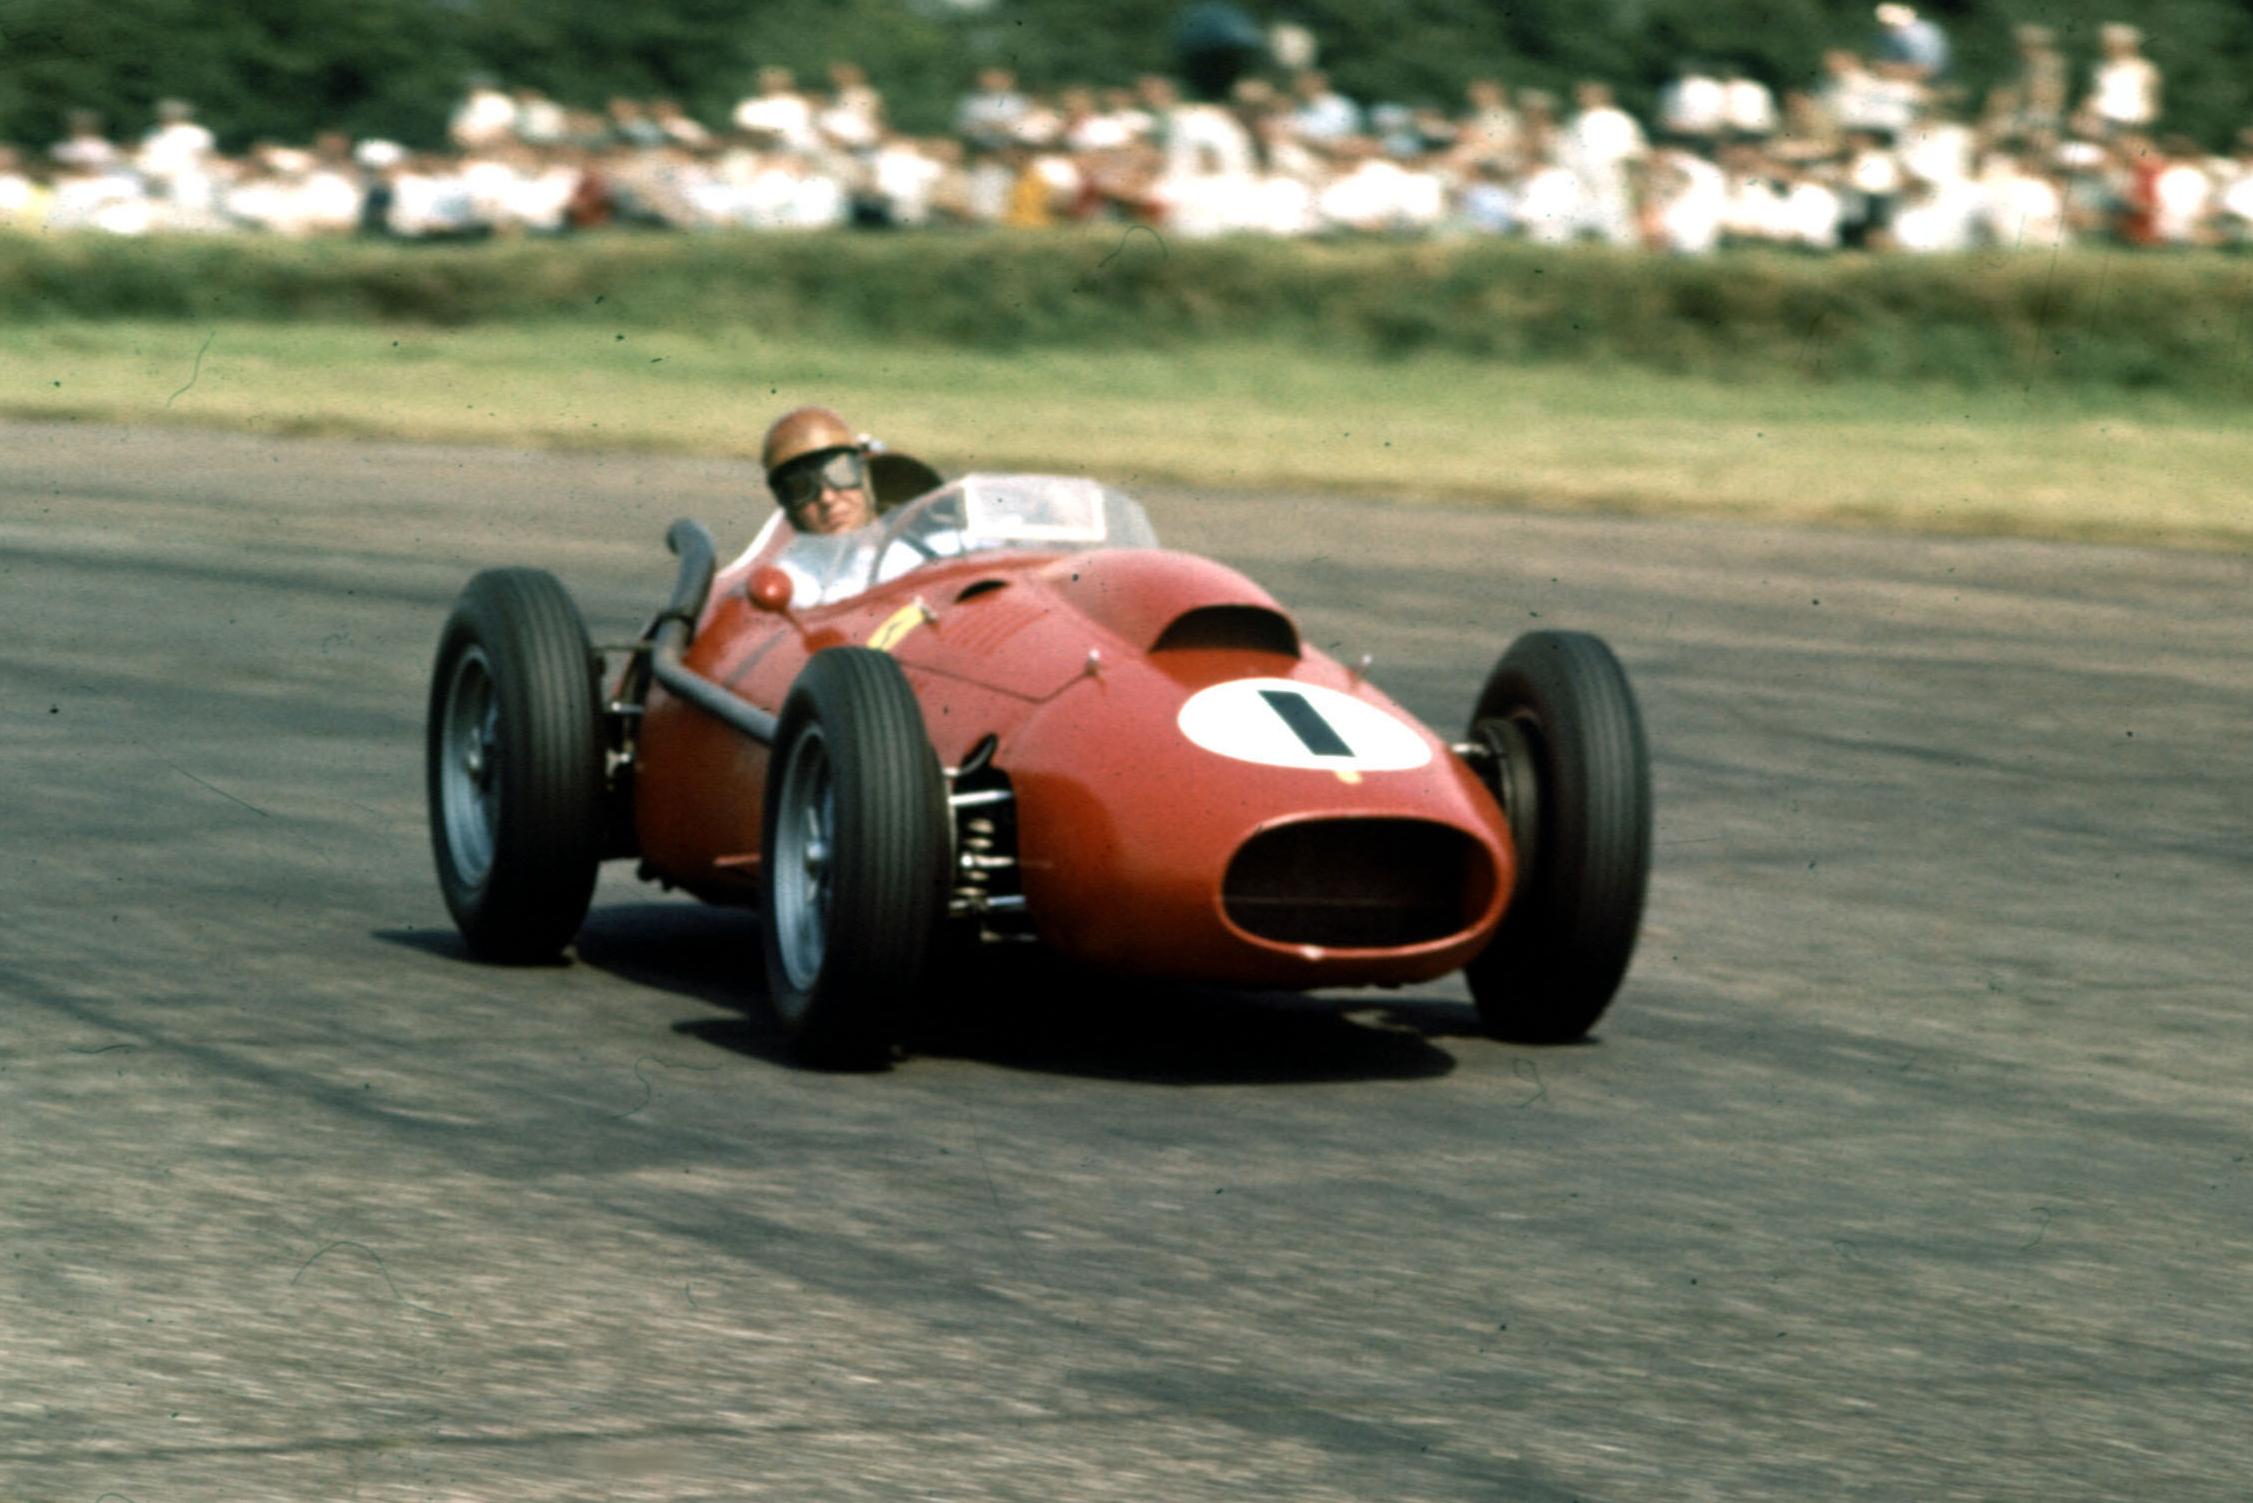 Peter Collins in his Ferrari Dino 246.